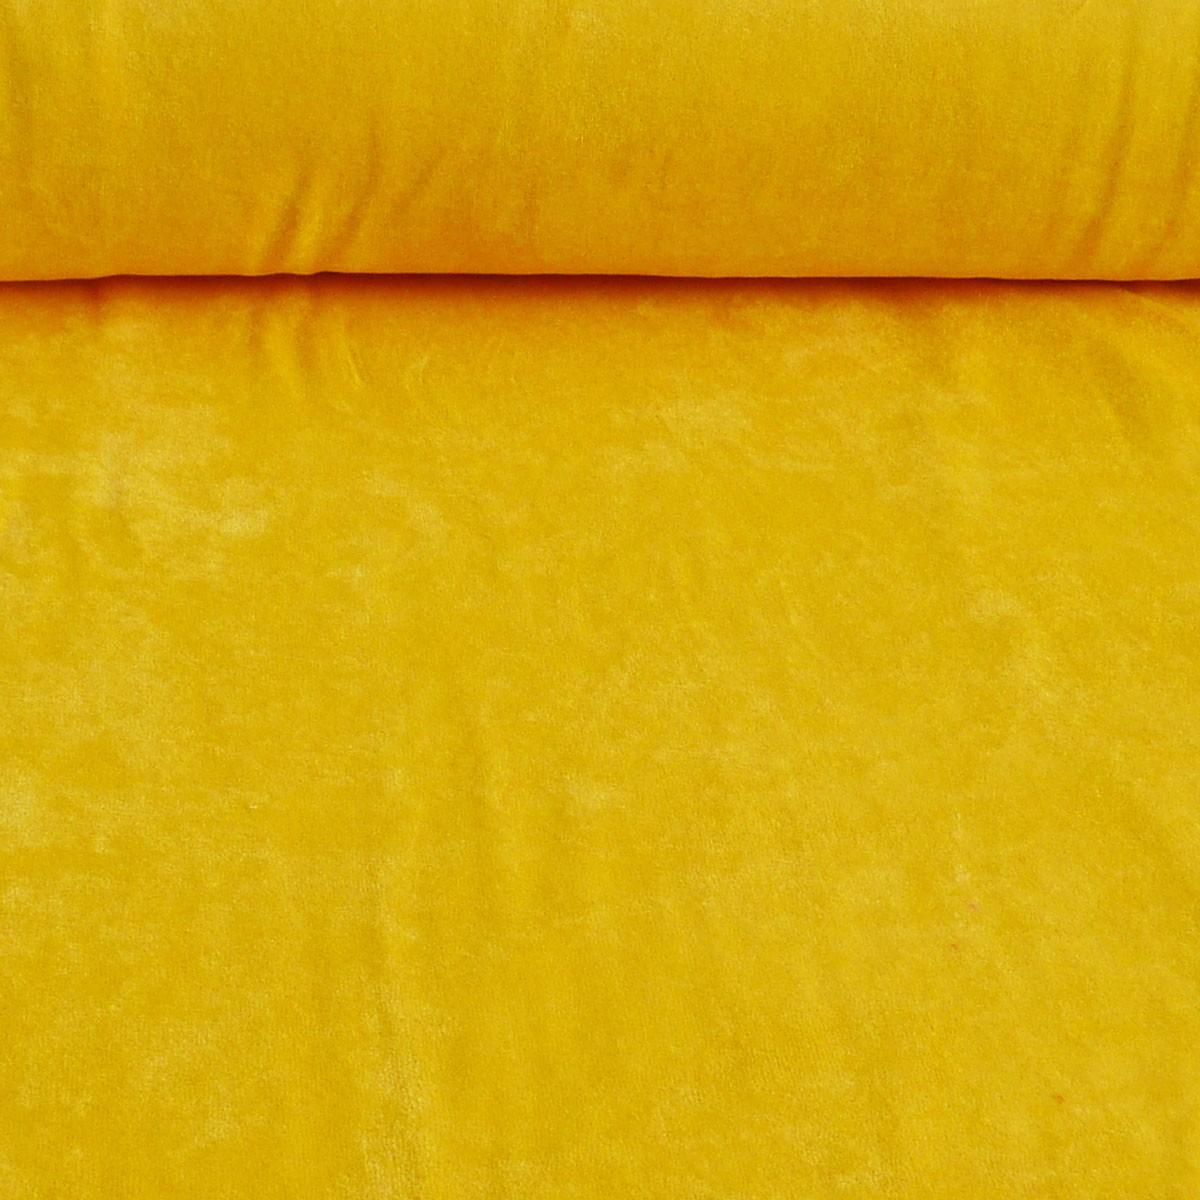 Bekleidungsstoff Nicky einfarbig gelb